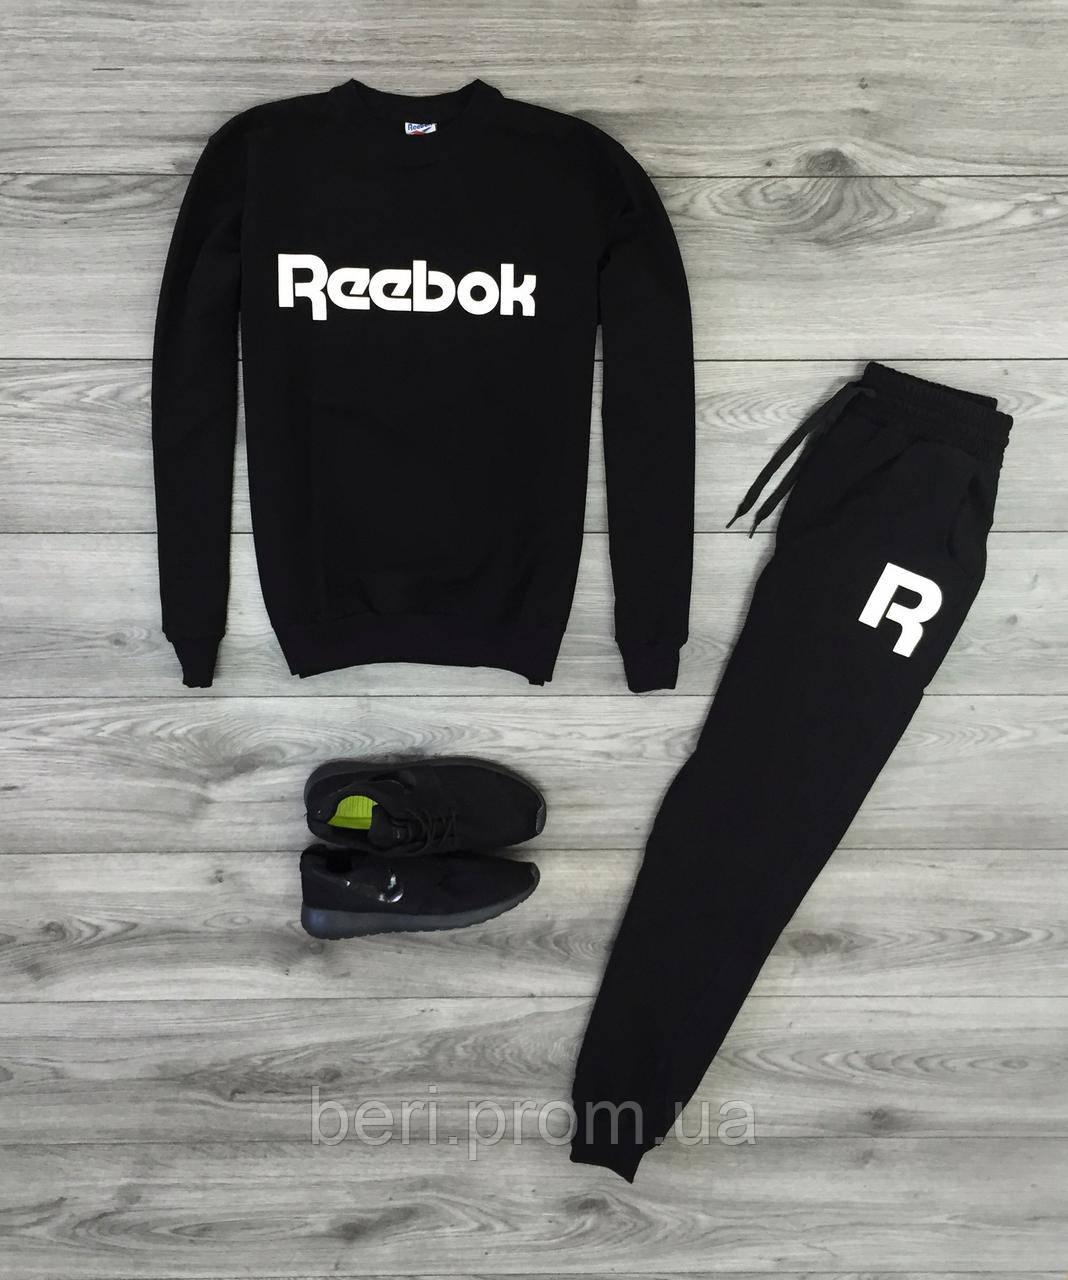 Мужской спортивный костюм Reebok | Рибок | Костюм Спортивний Рібок (Черный)